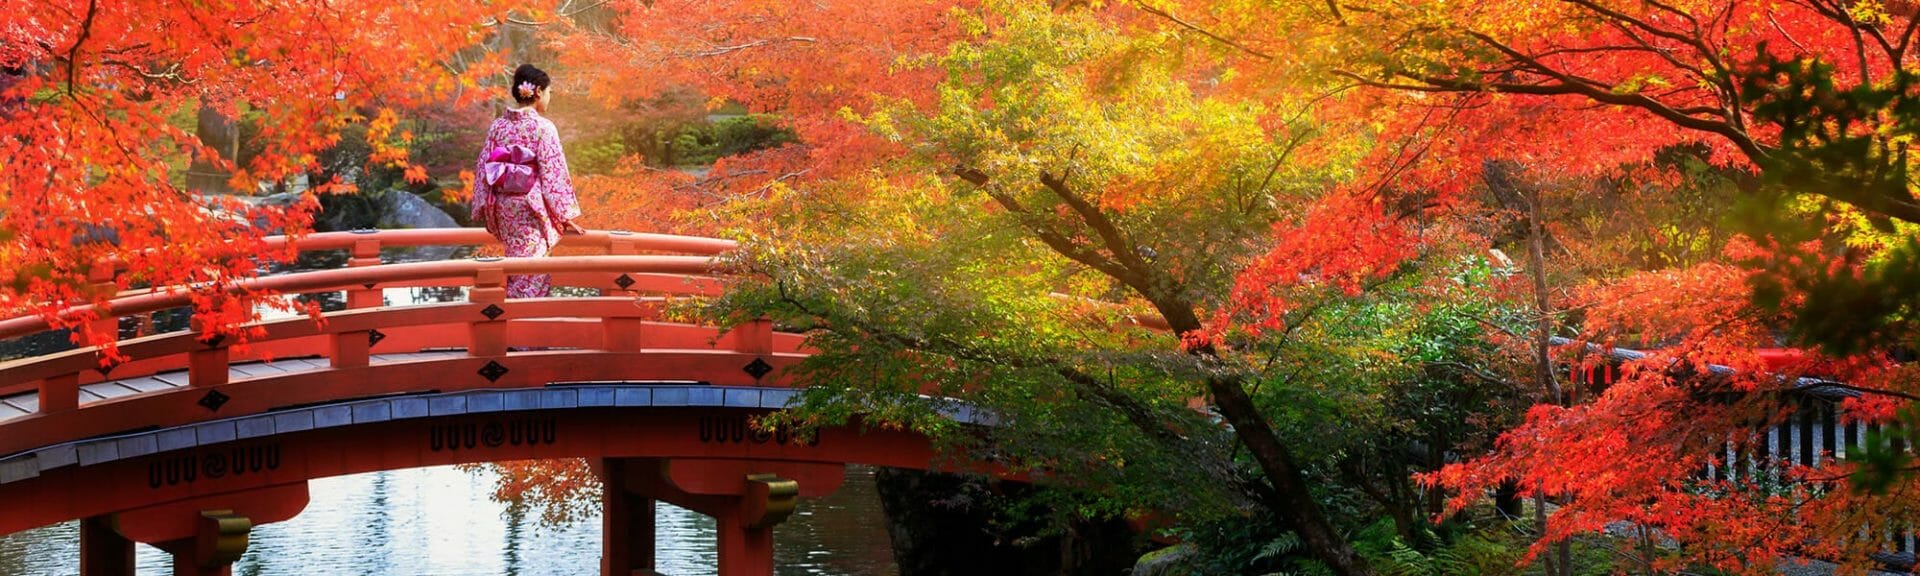 Kyoto parc en automne